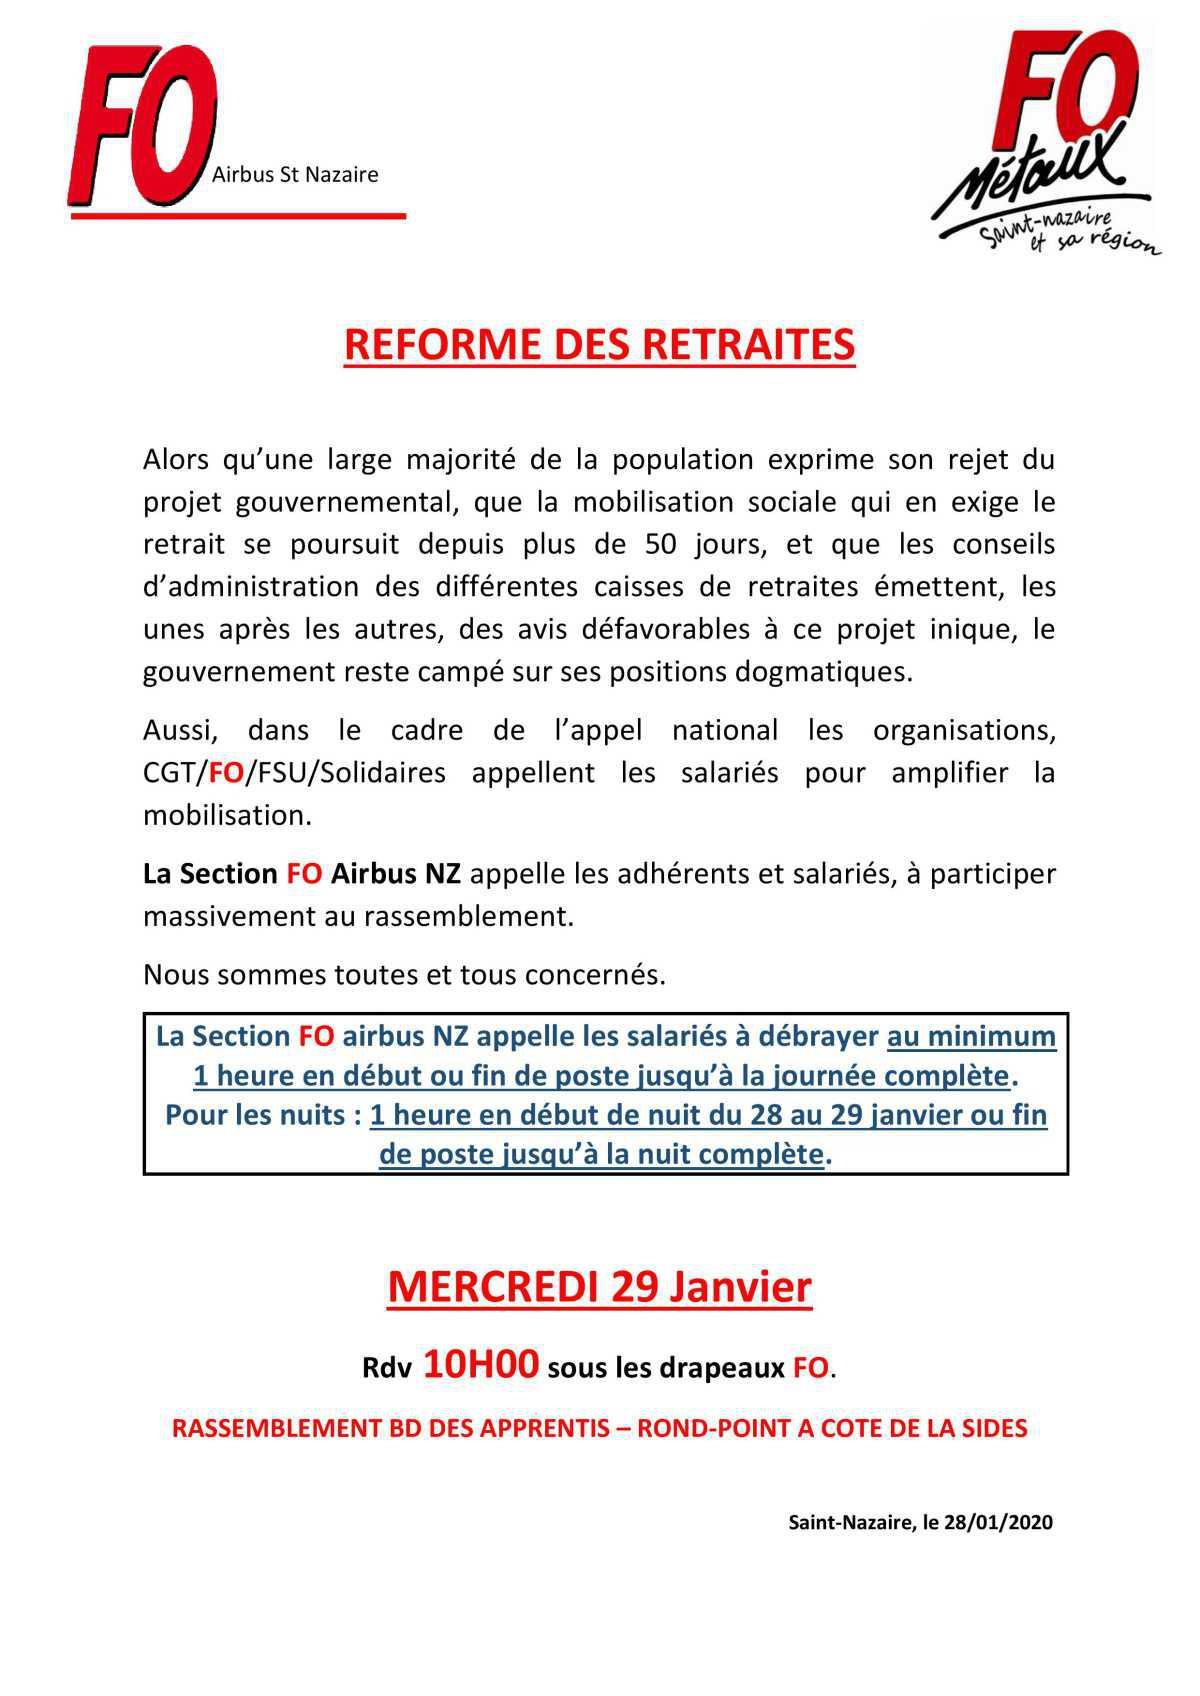 Modalités pour la manifestion du 29/01/2020 contre la réforme des retraites